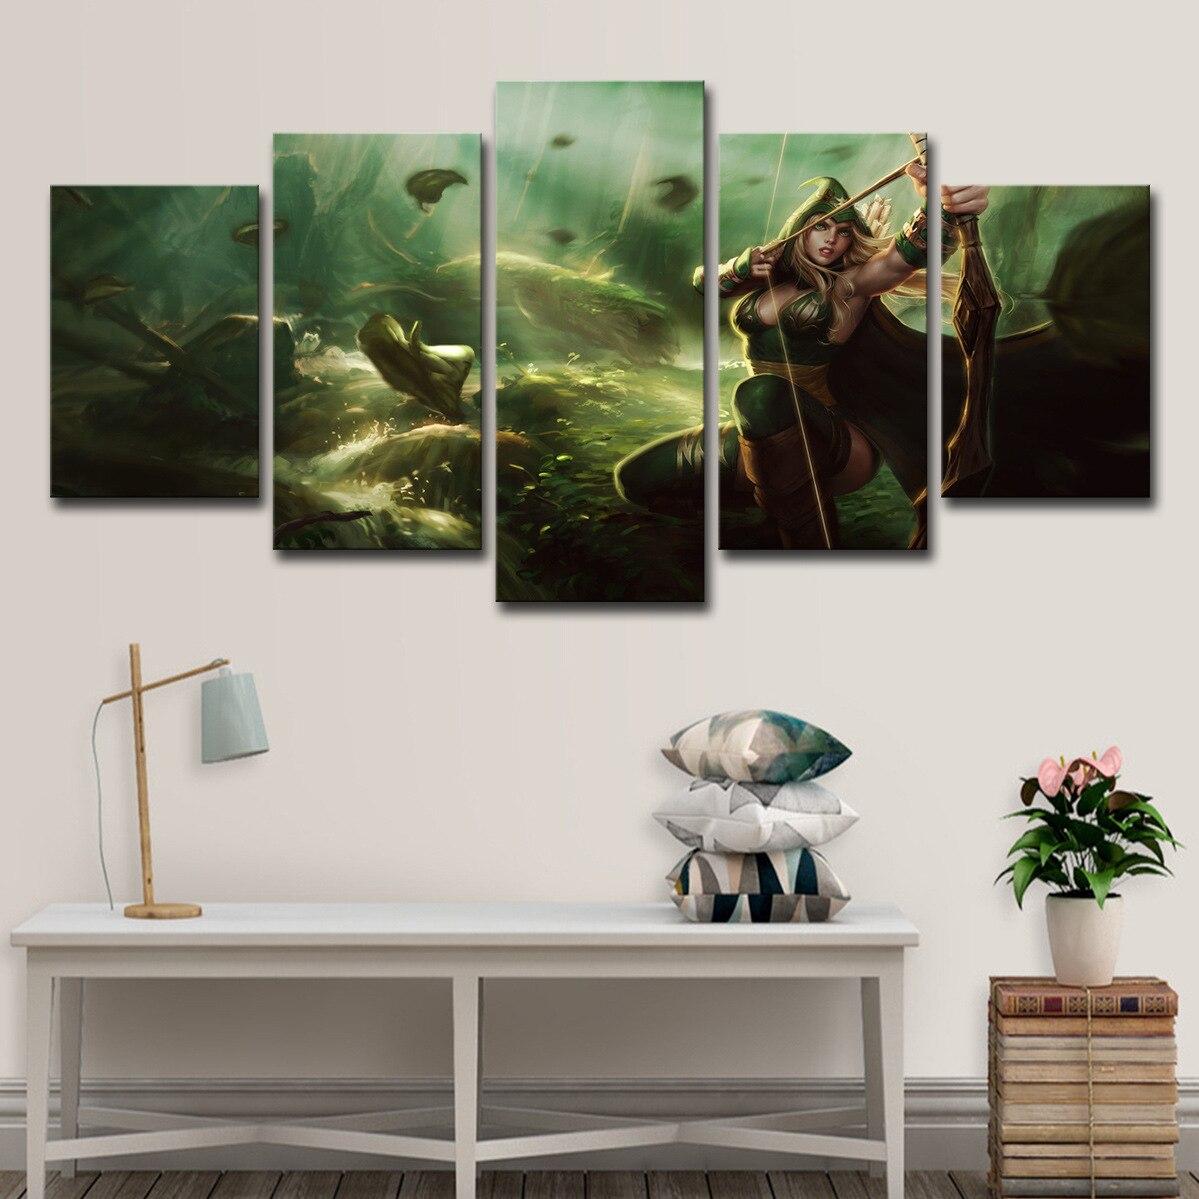 Arte da parede decoração lol liga dos heróis selva ladrão ai xi jogo pintura cartaz parede quadros da lona